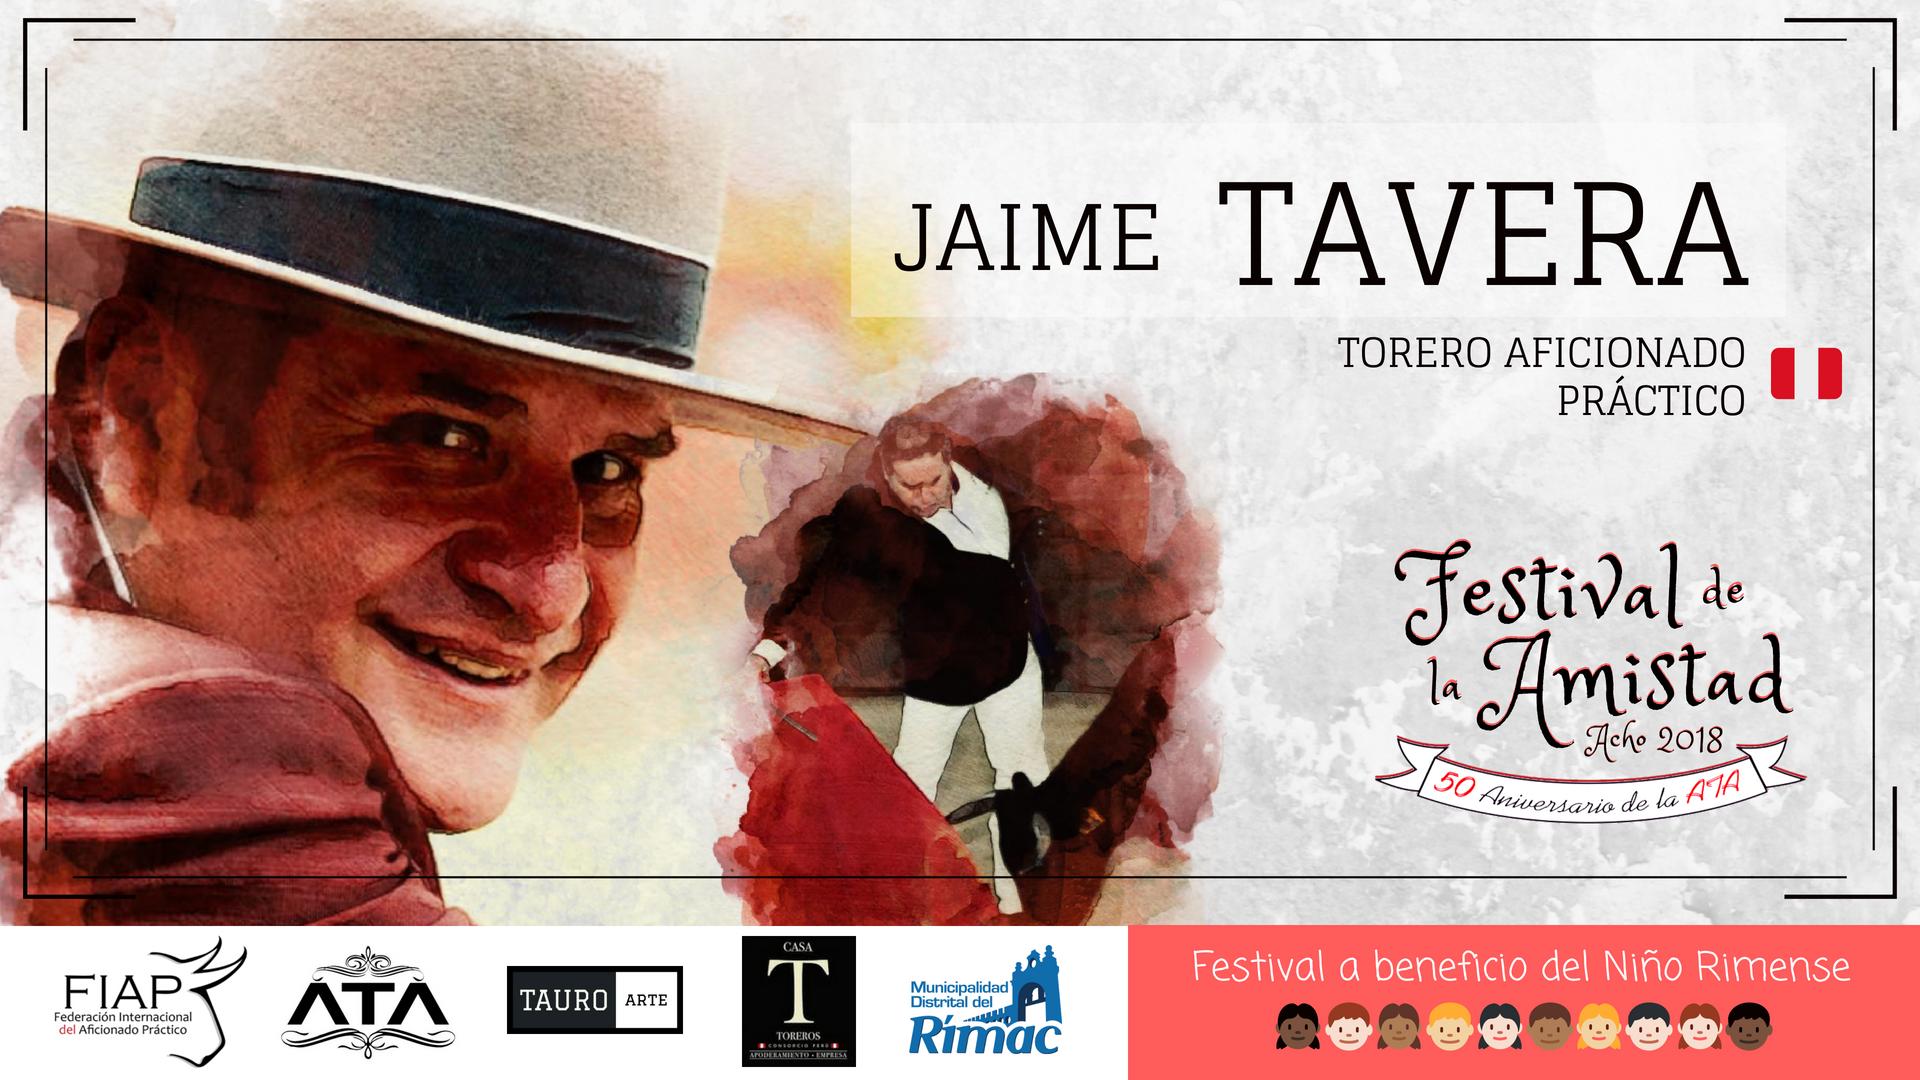 JAIME TAVERA